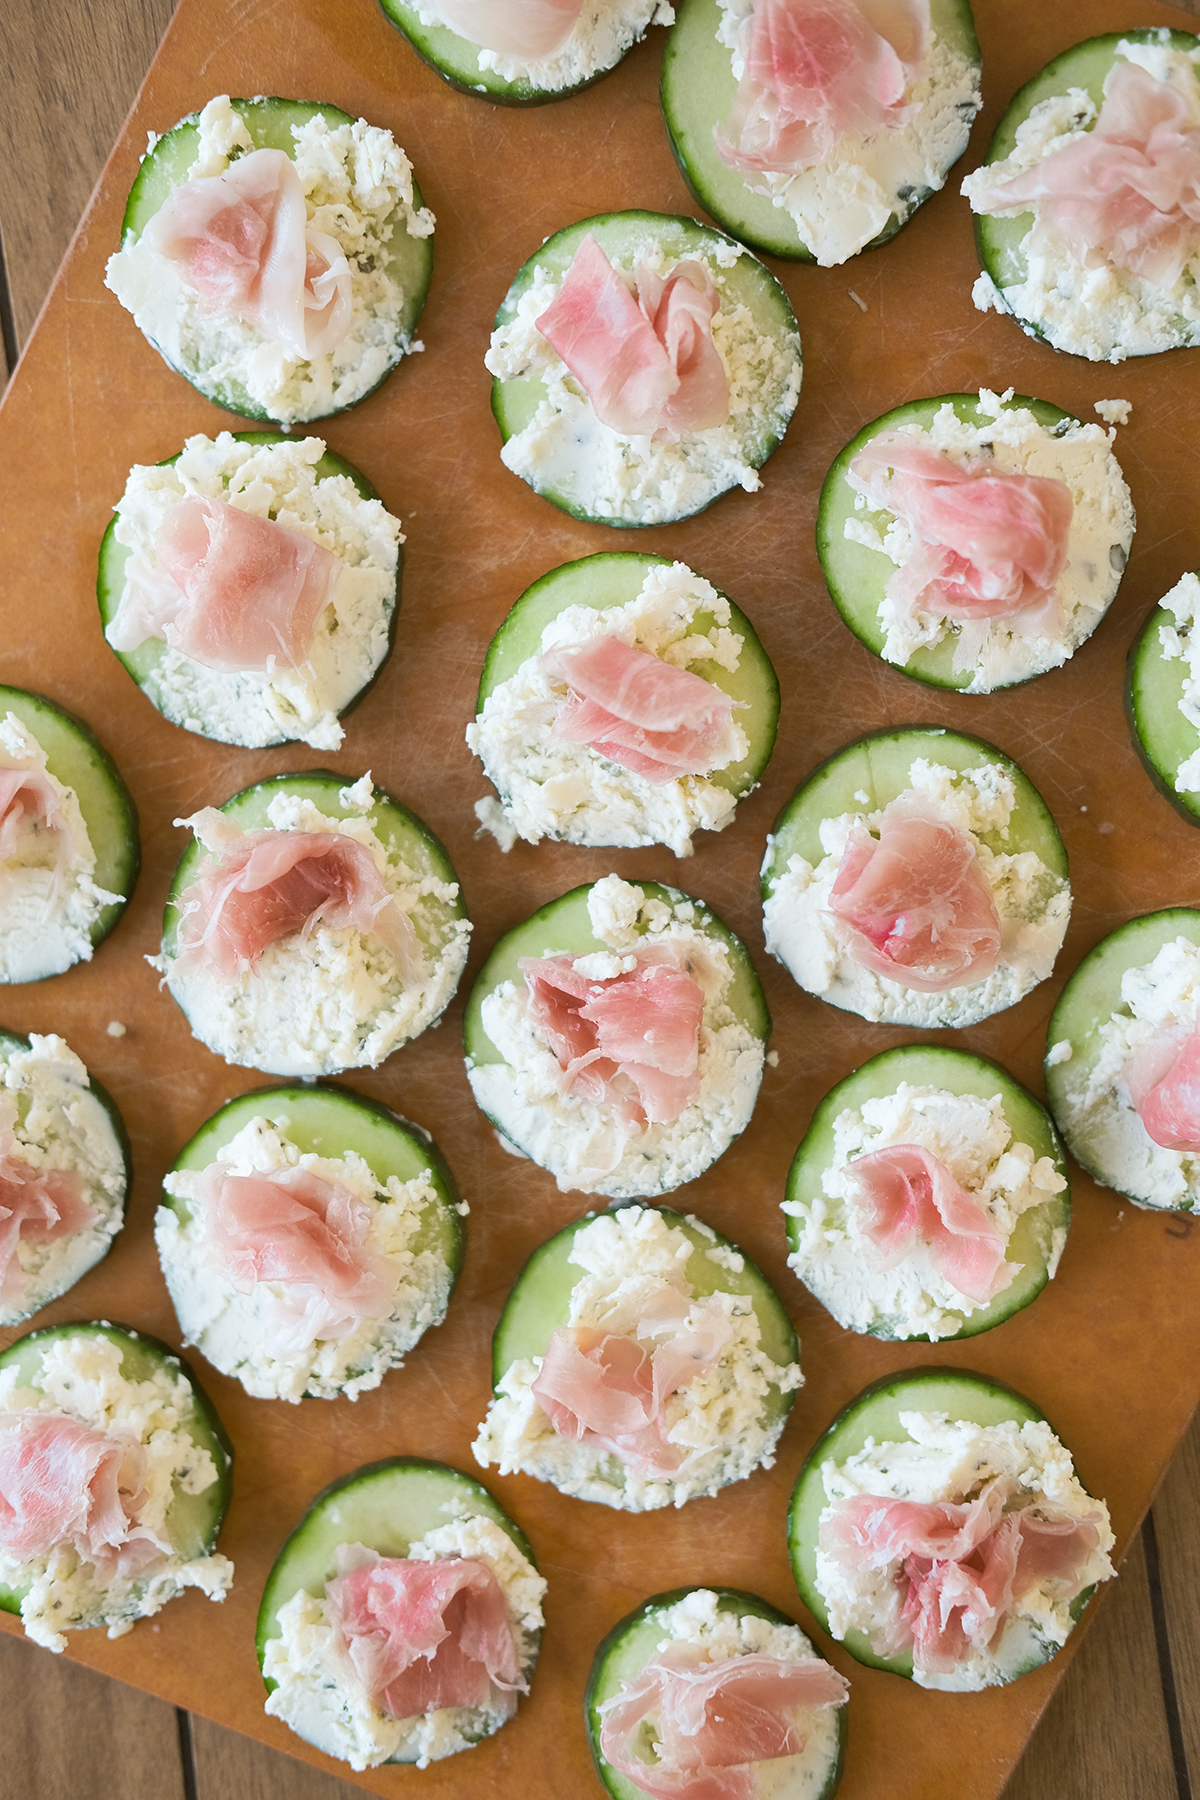 prosciutto cucumber bites on a cutting board